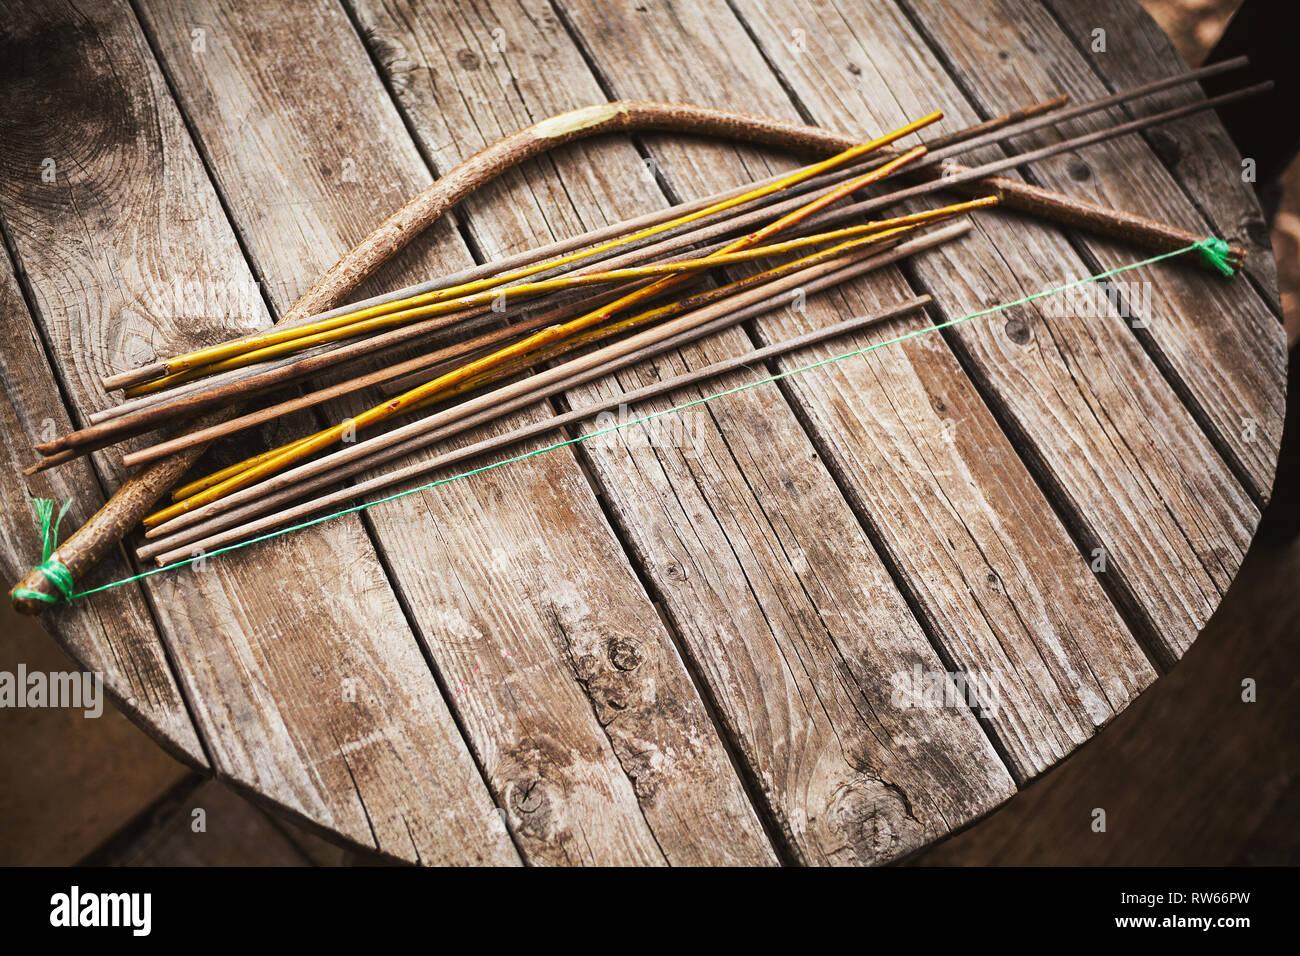 6bfc1347e Antiguo artesonado de arco y flechas para jugar en mesa de madera antigua.  Imagen De